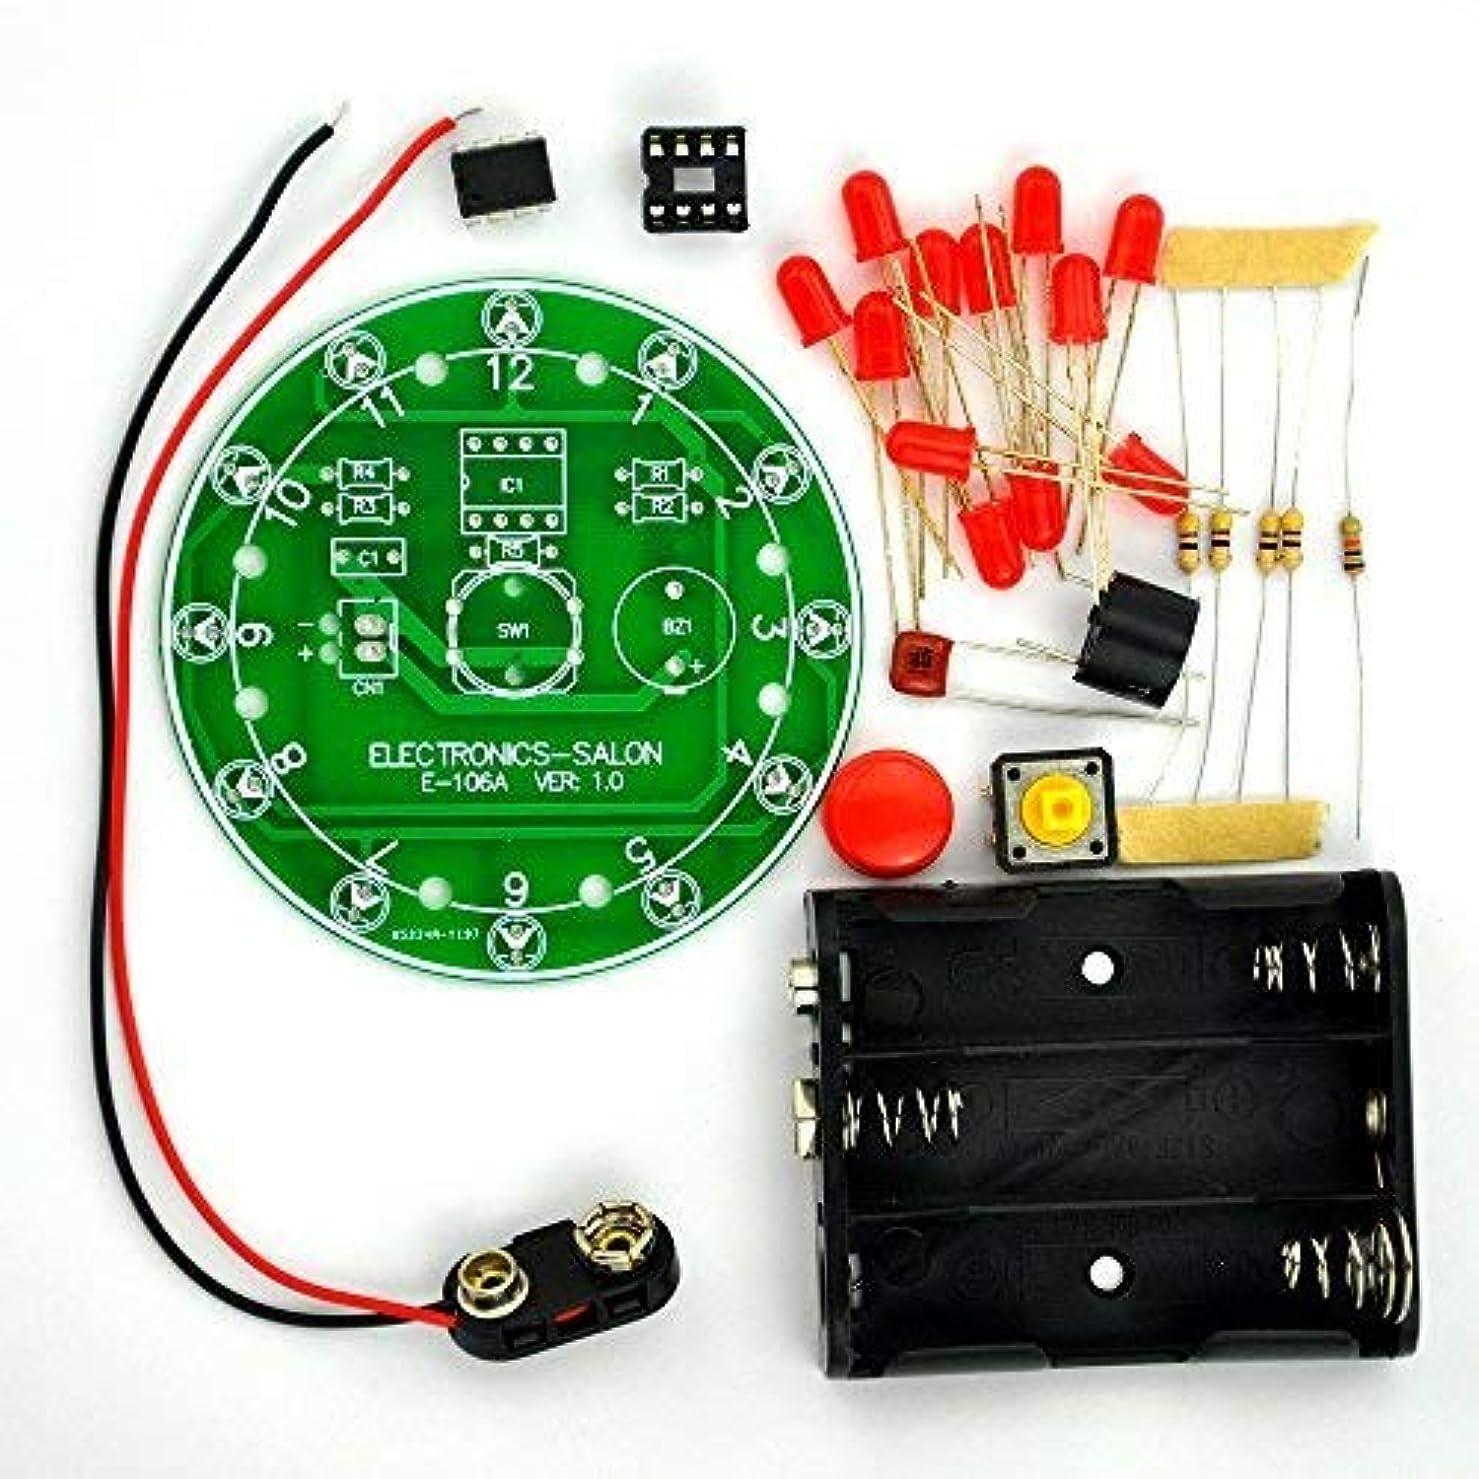 ダウンタウン肯定的神聖Electronics-Salon 12位置pic12f508 MCUに基づく電子ラッキー回転ボードキット導い